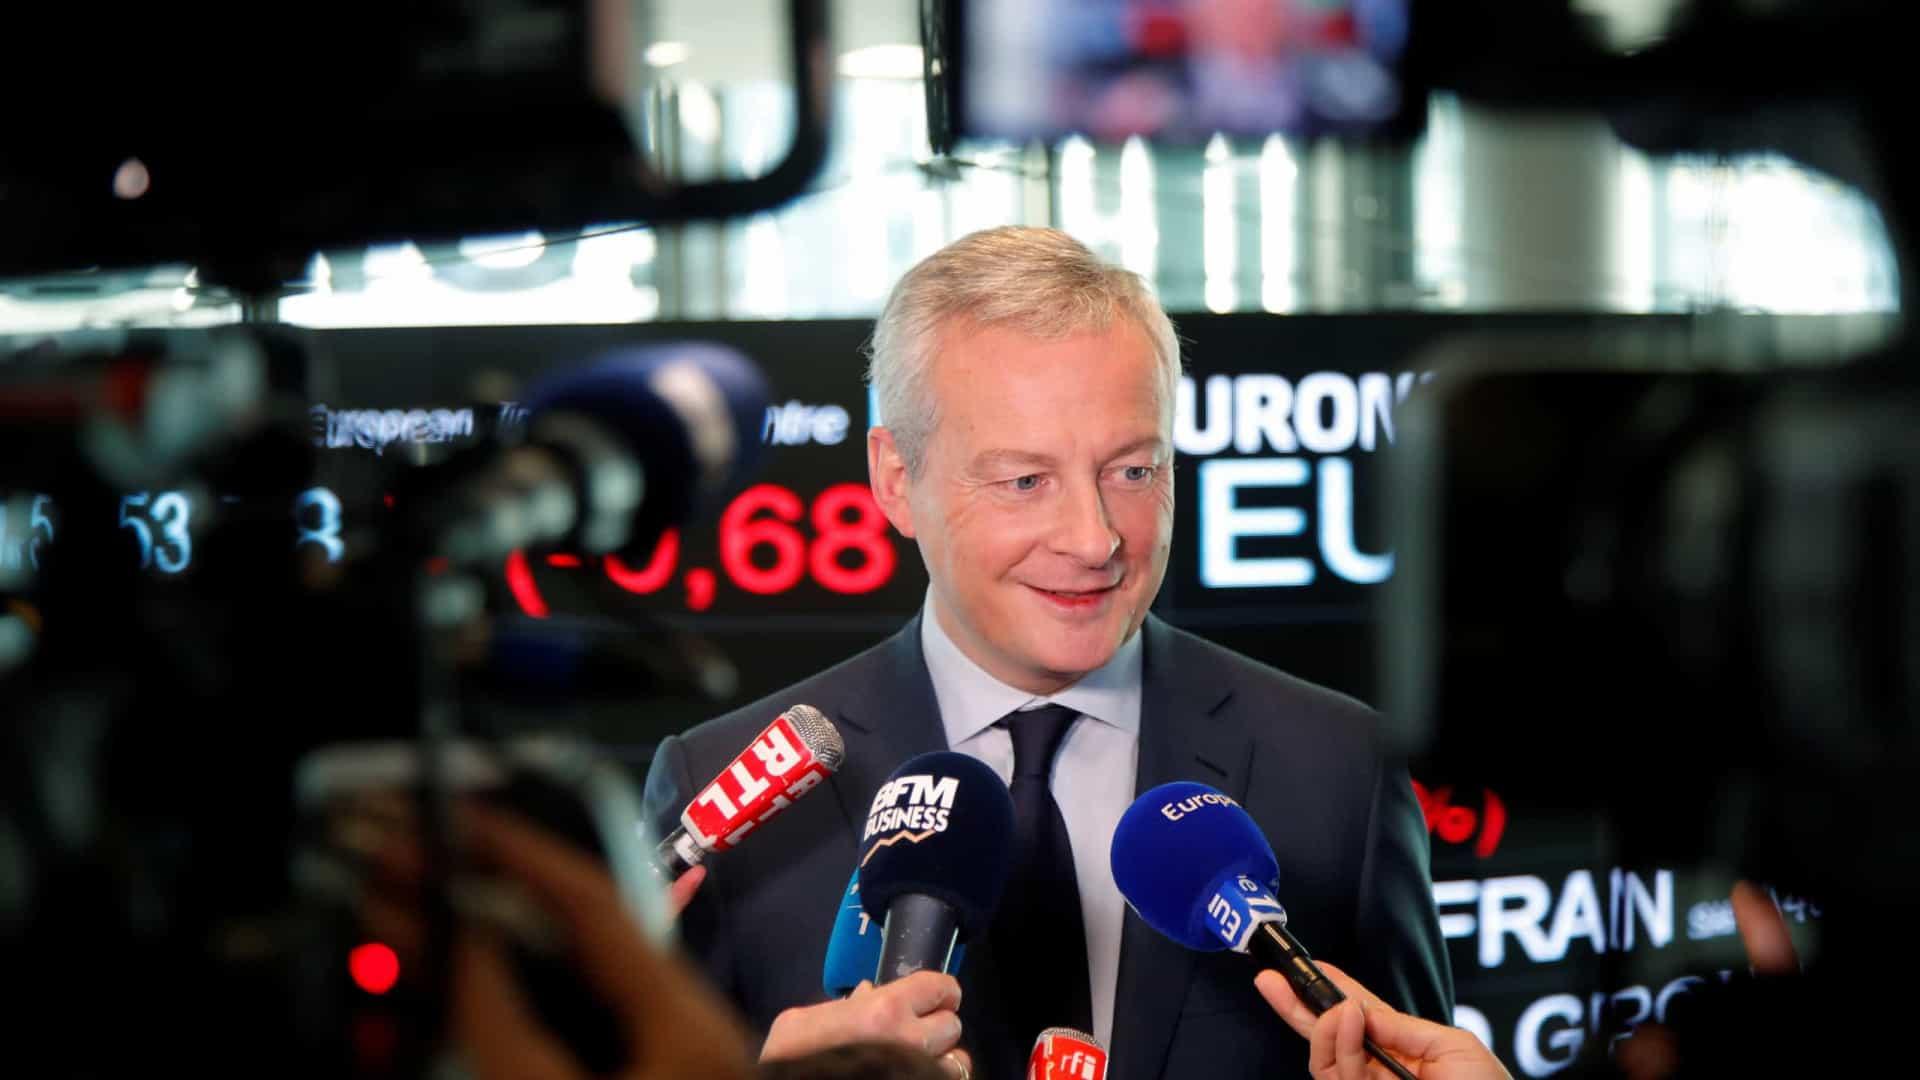 Ministro francês critica restrições de Trump a viagens de europeus